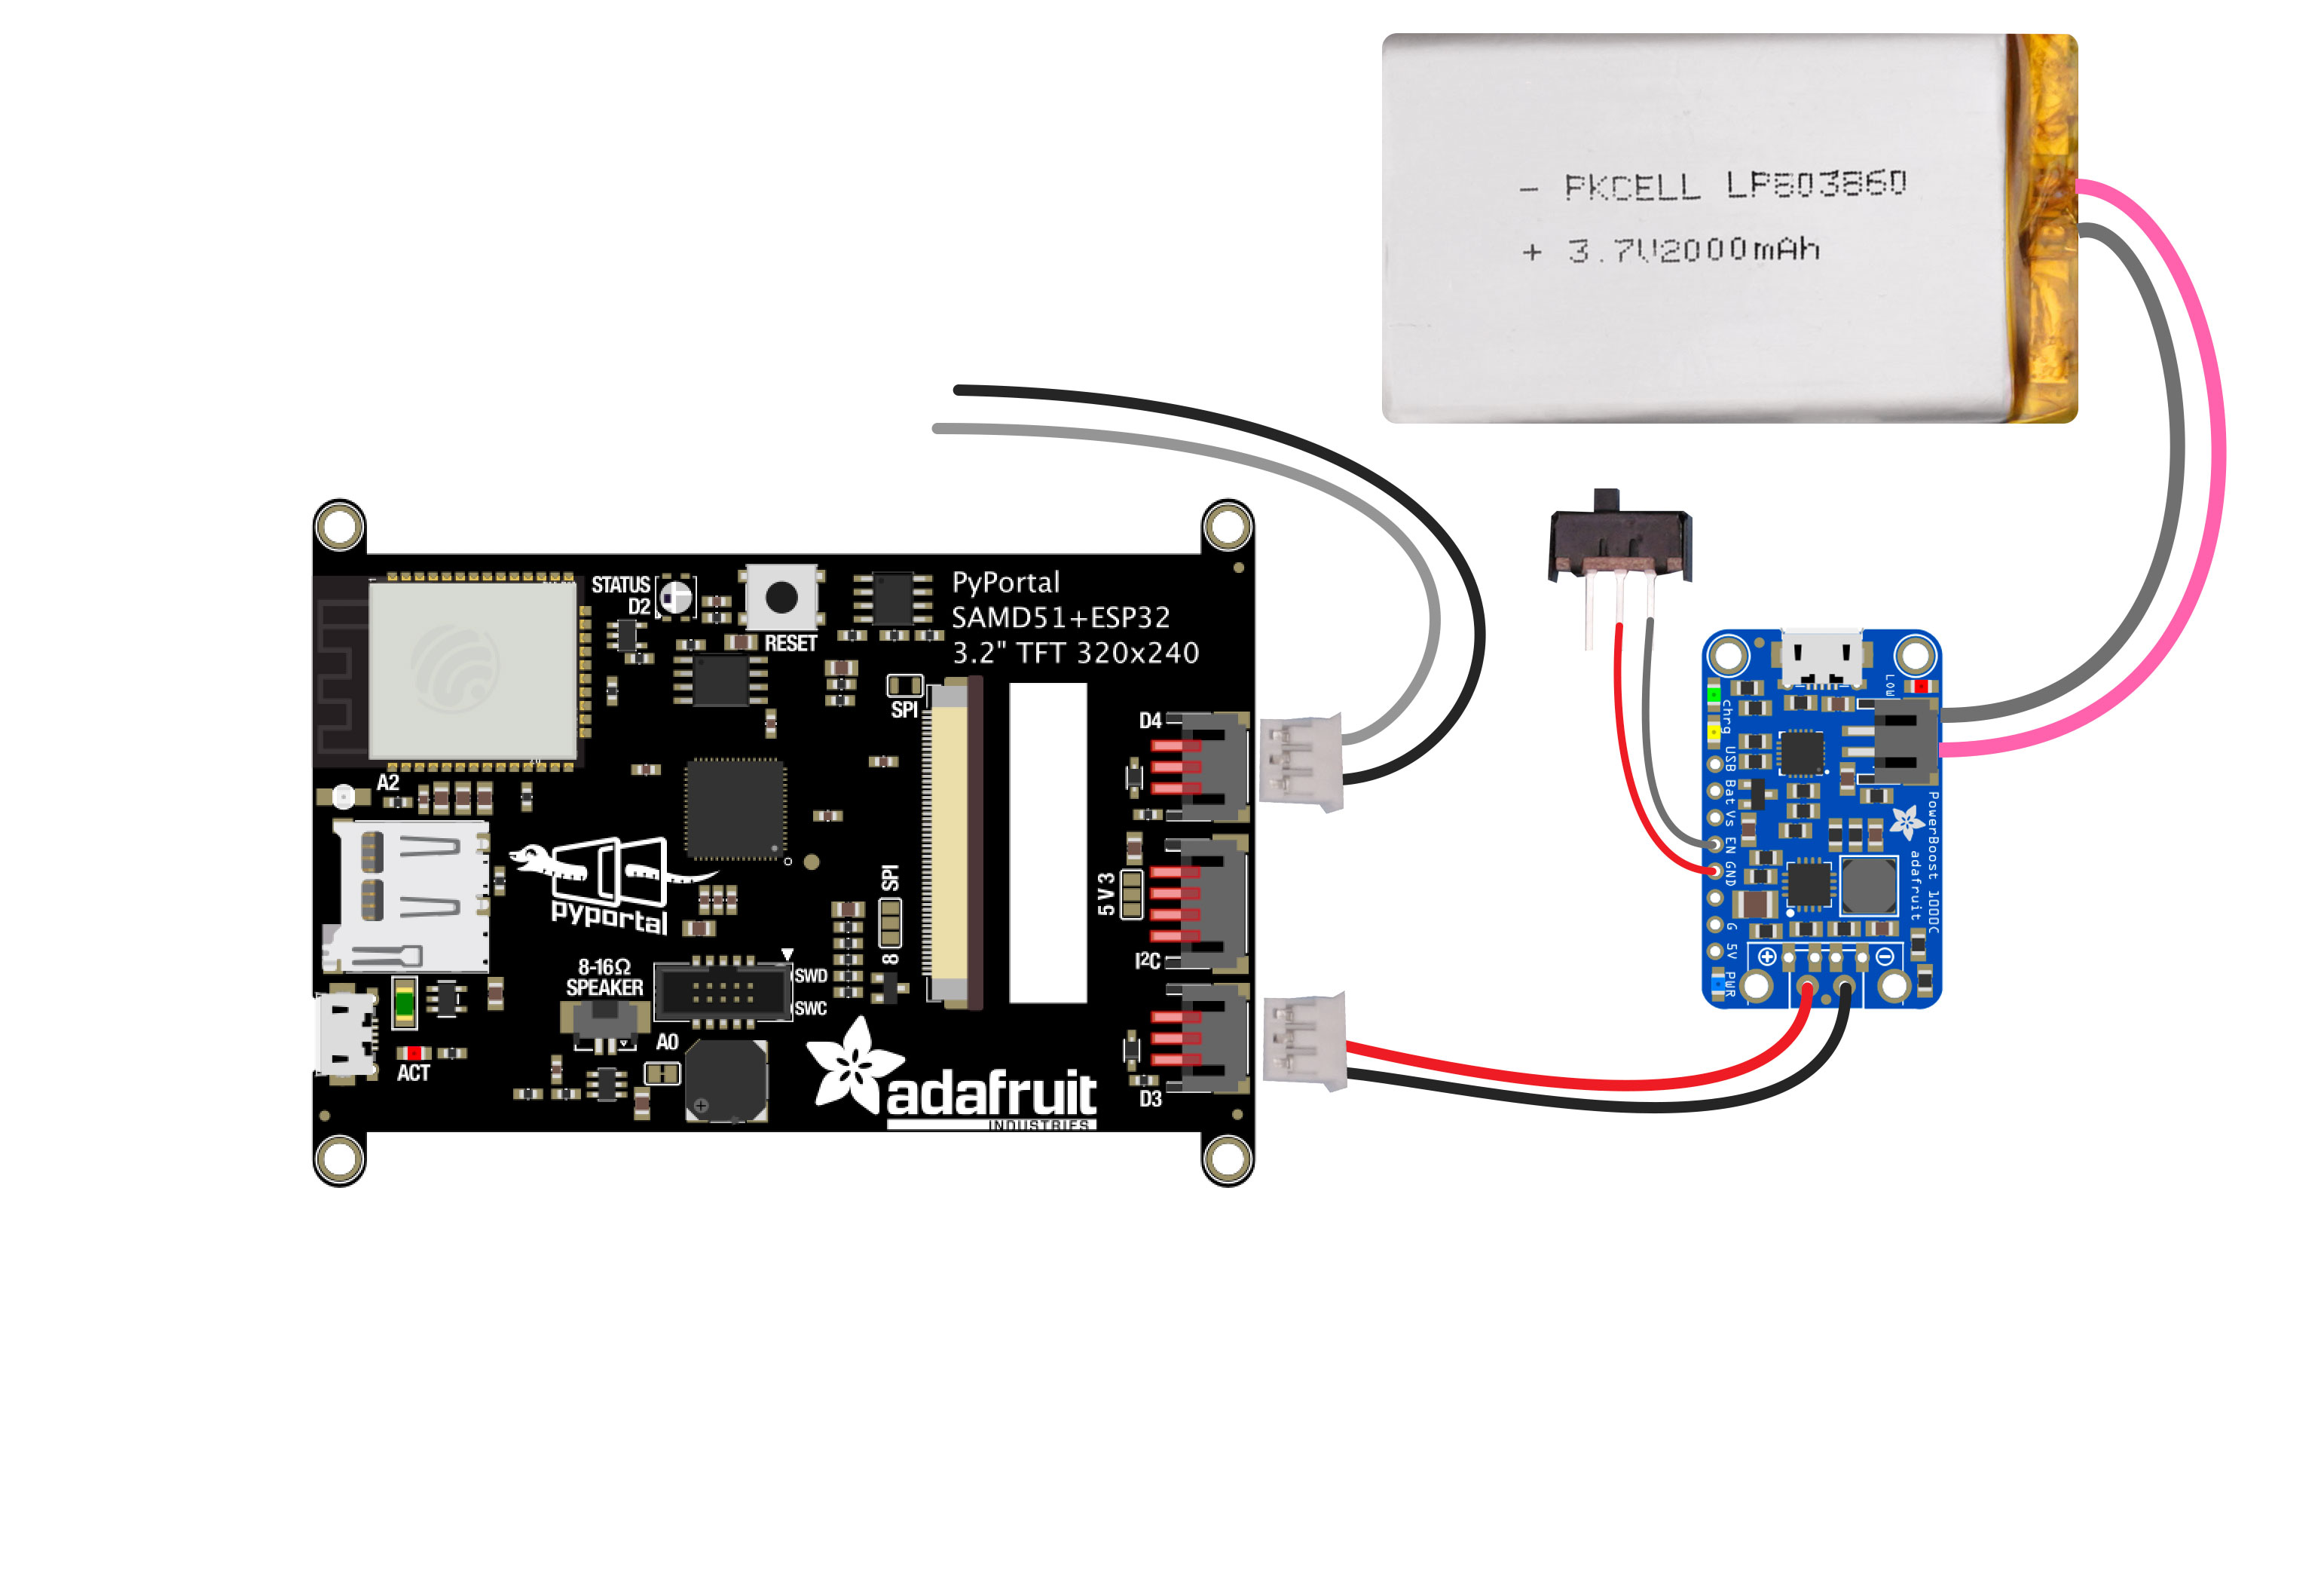 3d_printing_circuit-diagram-2.jpg